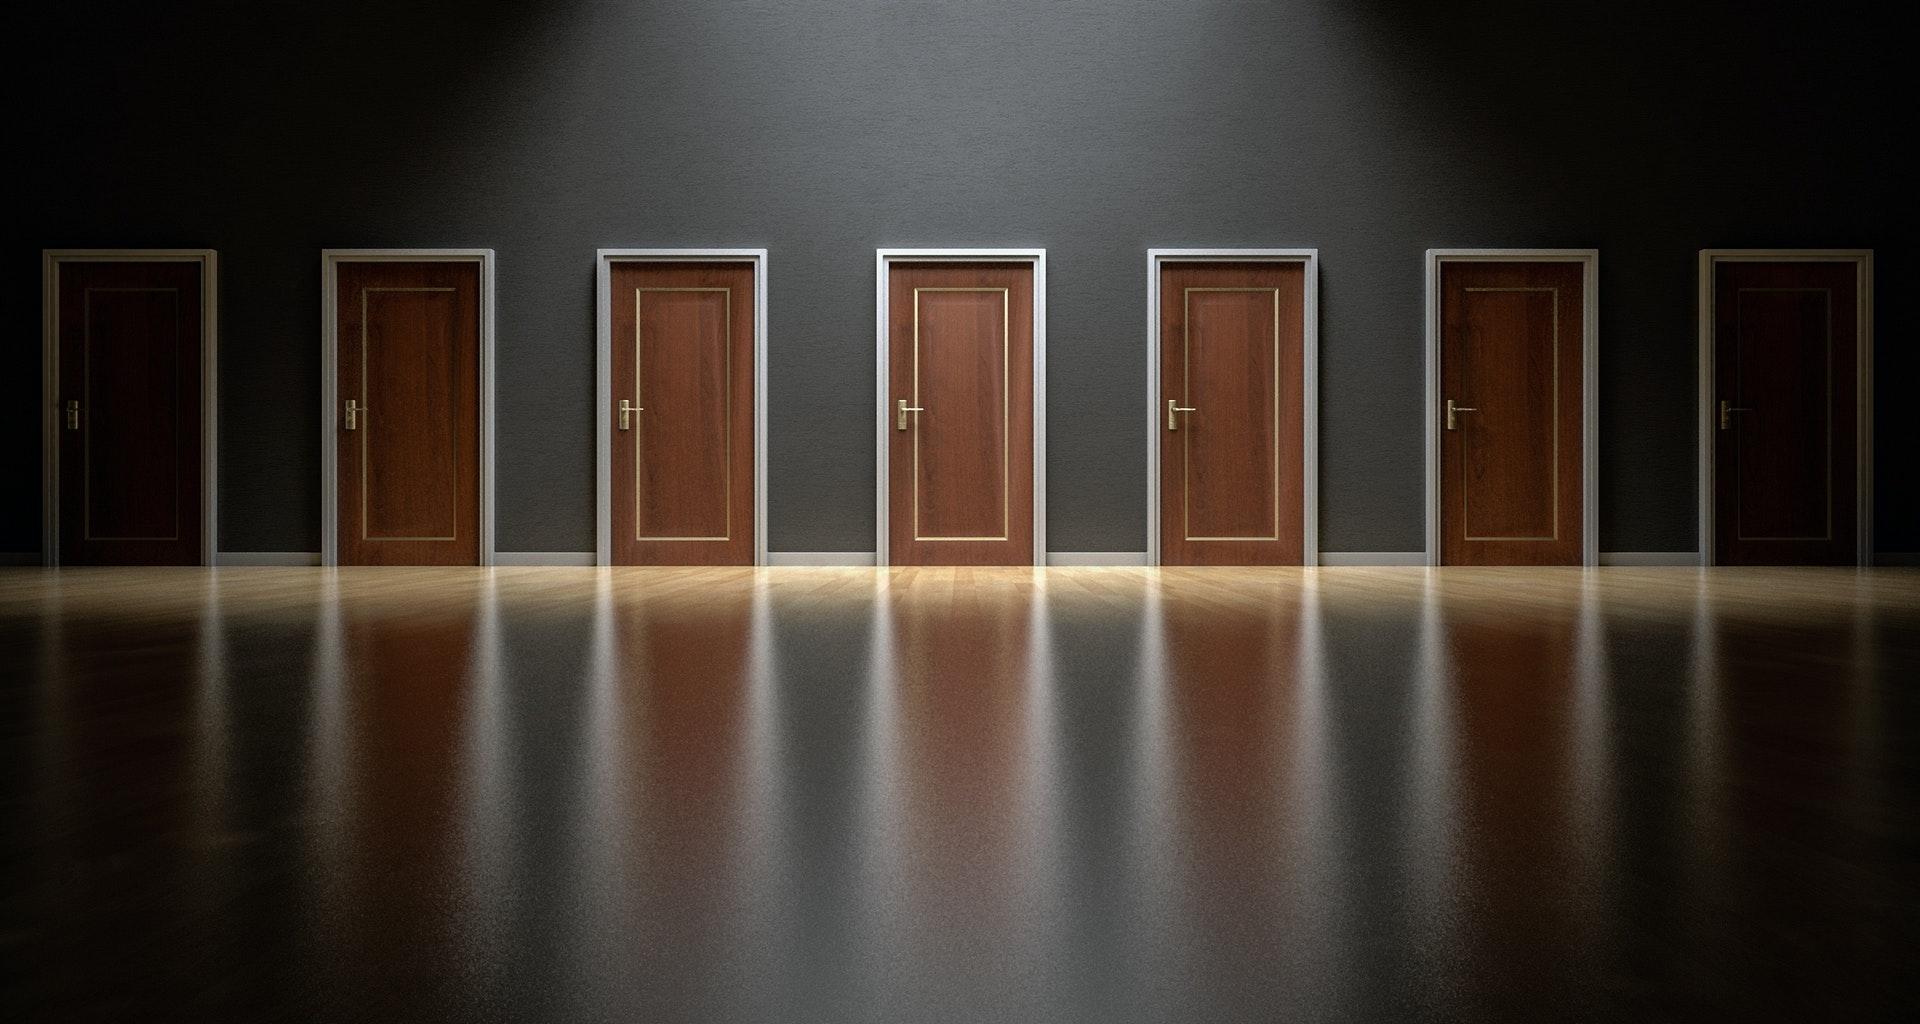 Lavorano Spesso Alle Finestre come scegliere gli infissi per la casa? 🚪